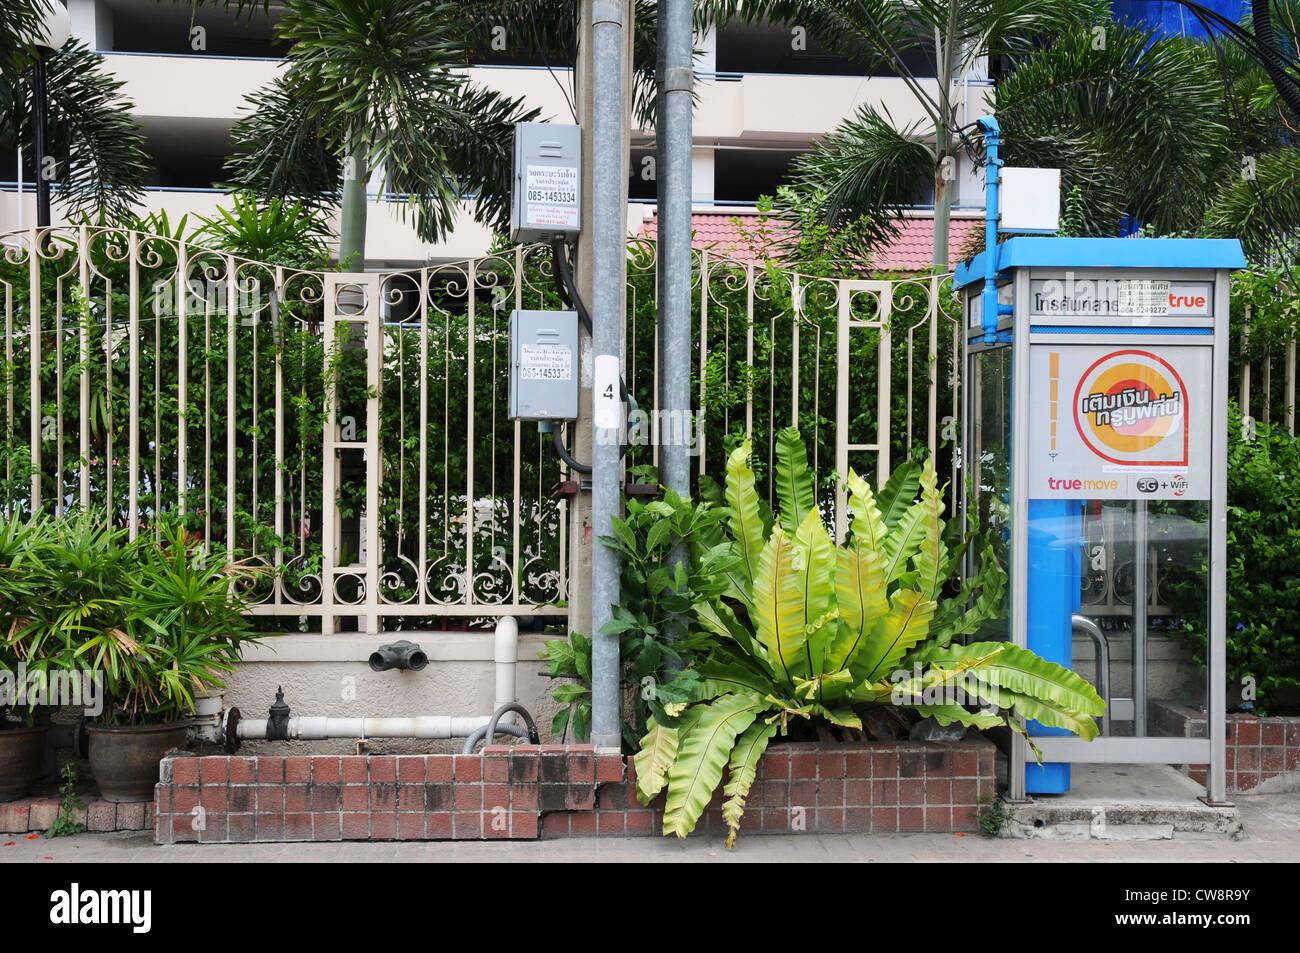 Telefonzelle Und Exotischen Pflanzen Am Straßenrand